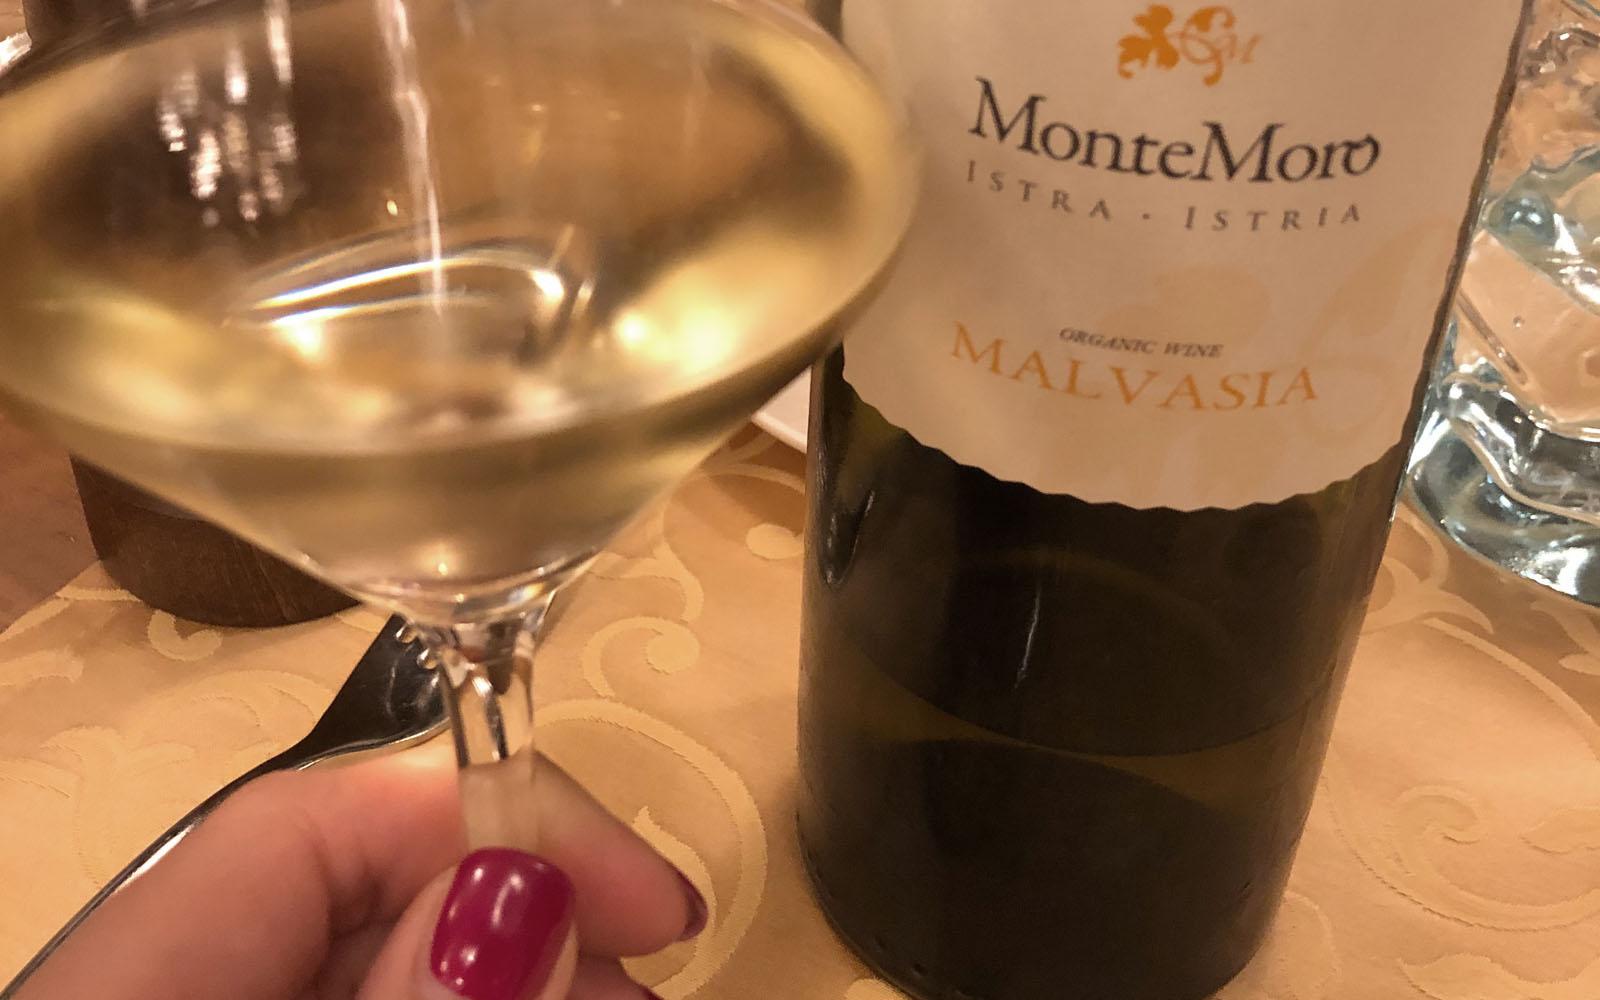 Una delle bottiglie degustate di Malvasia slovena.